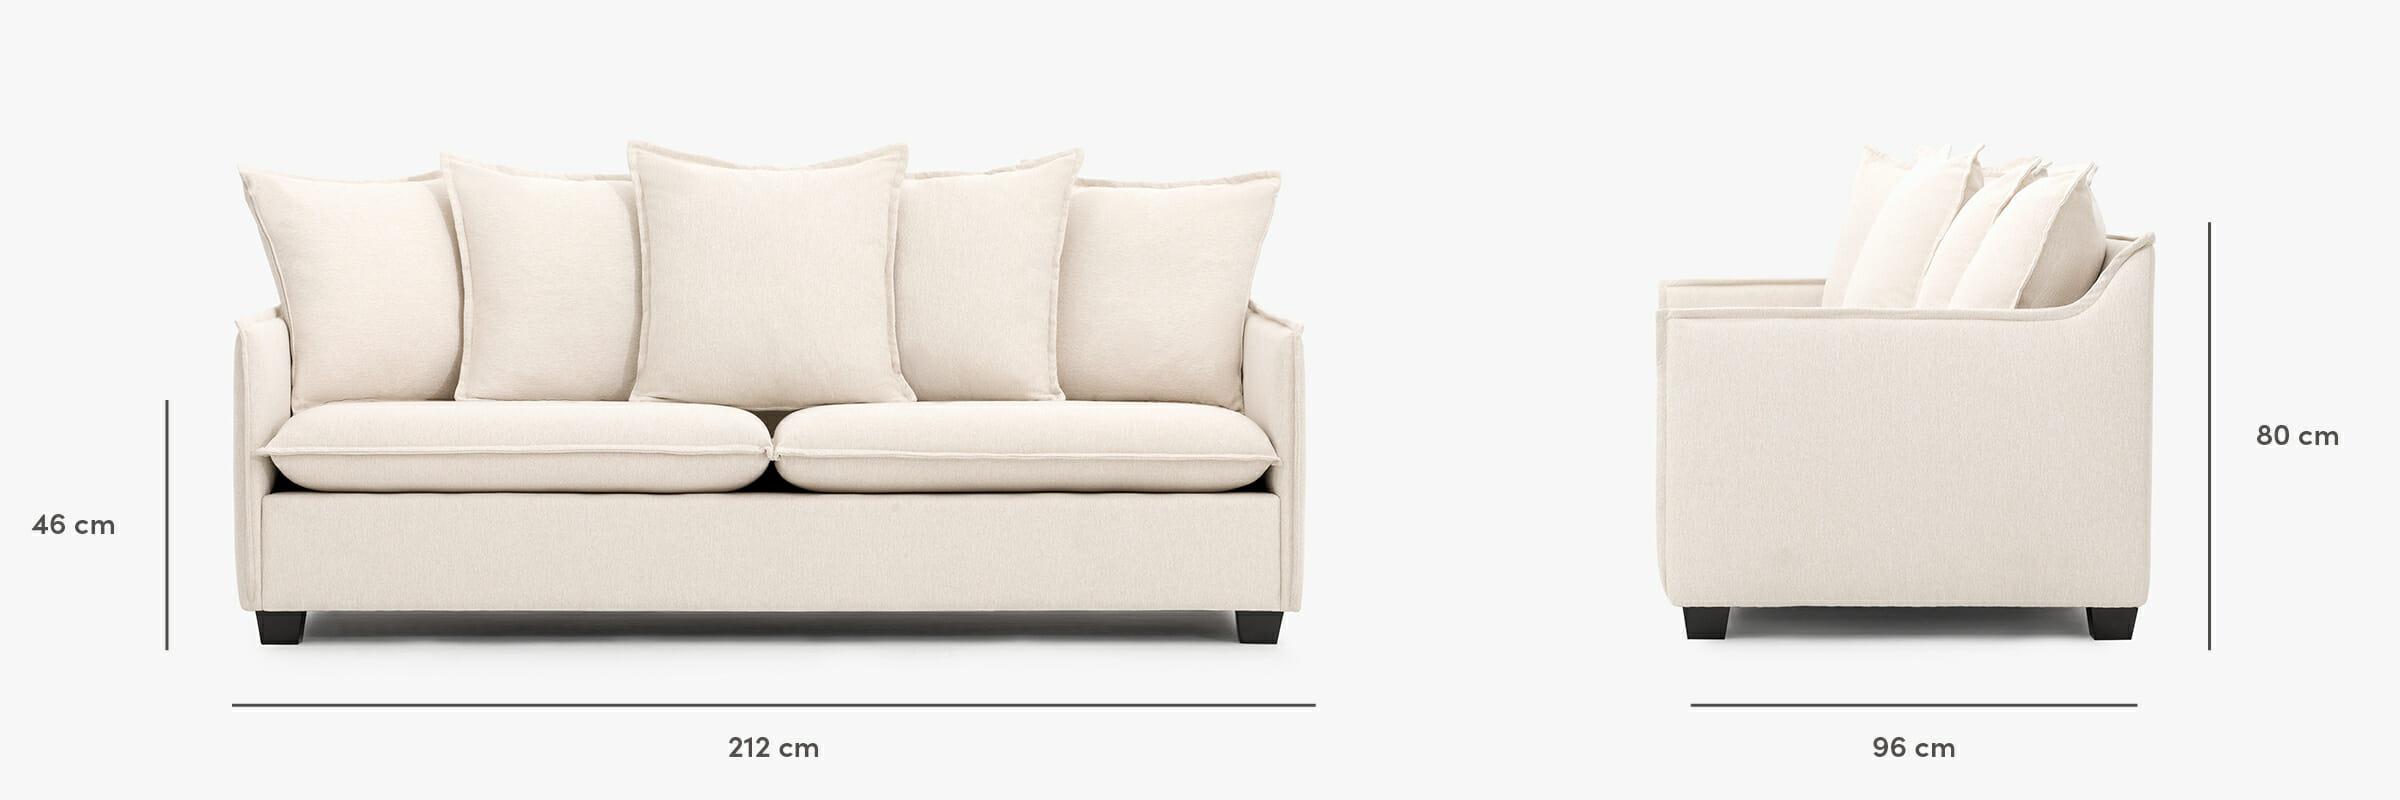 The Miami Sofa dimensions